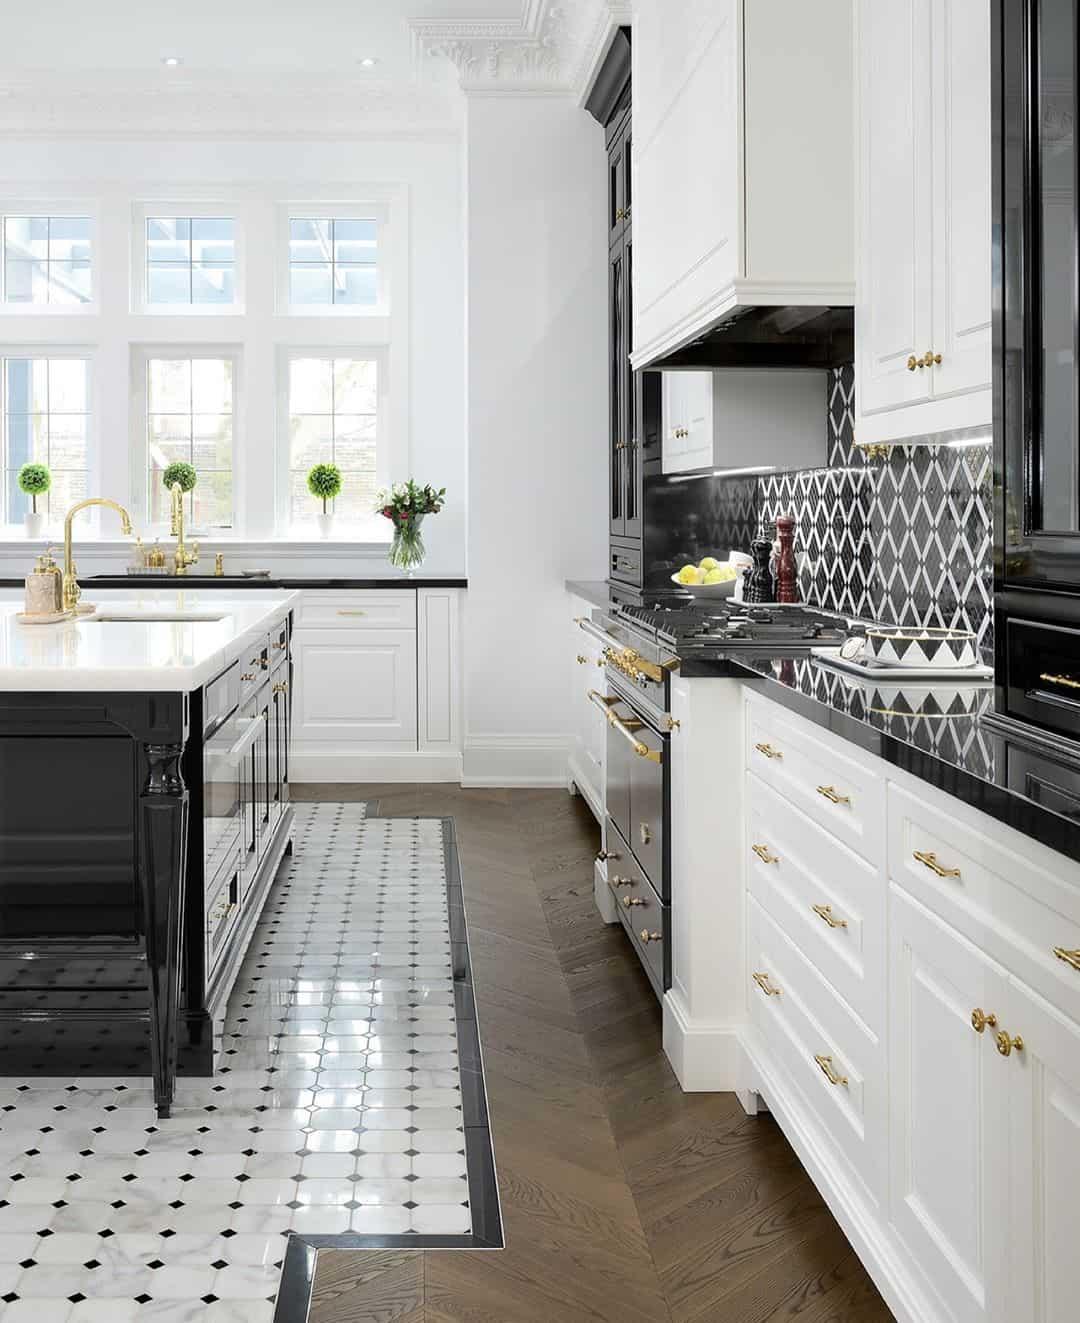 Home Interiors 2020: DIY Decor Ideas Dor Your Home Design